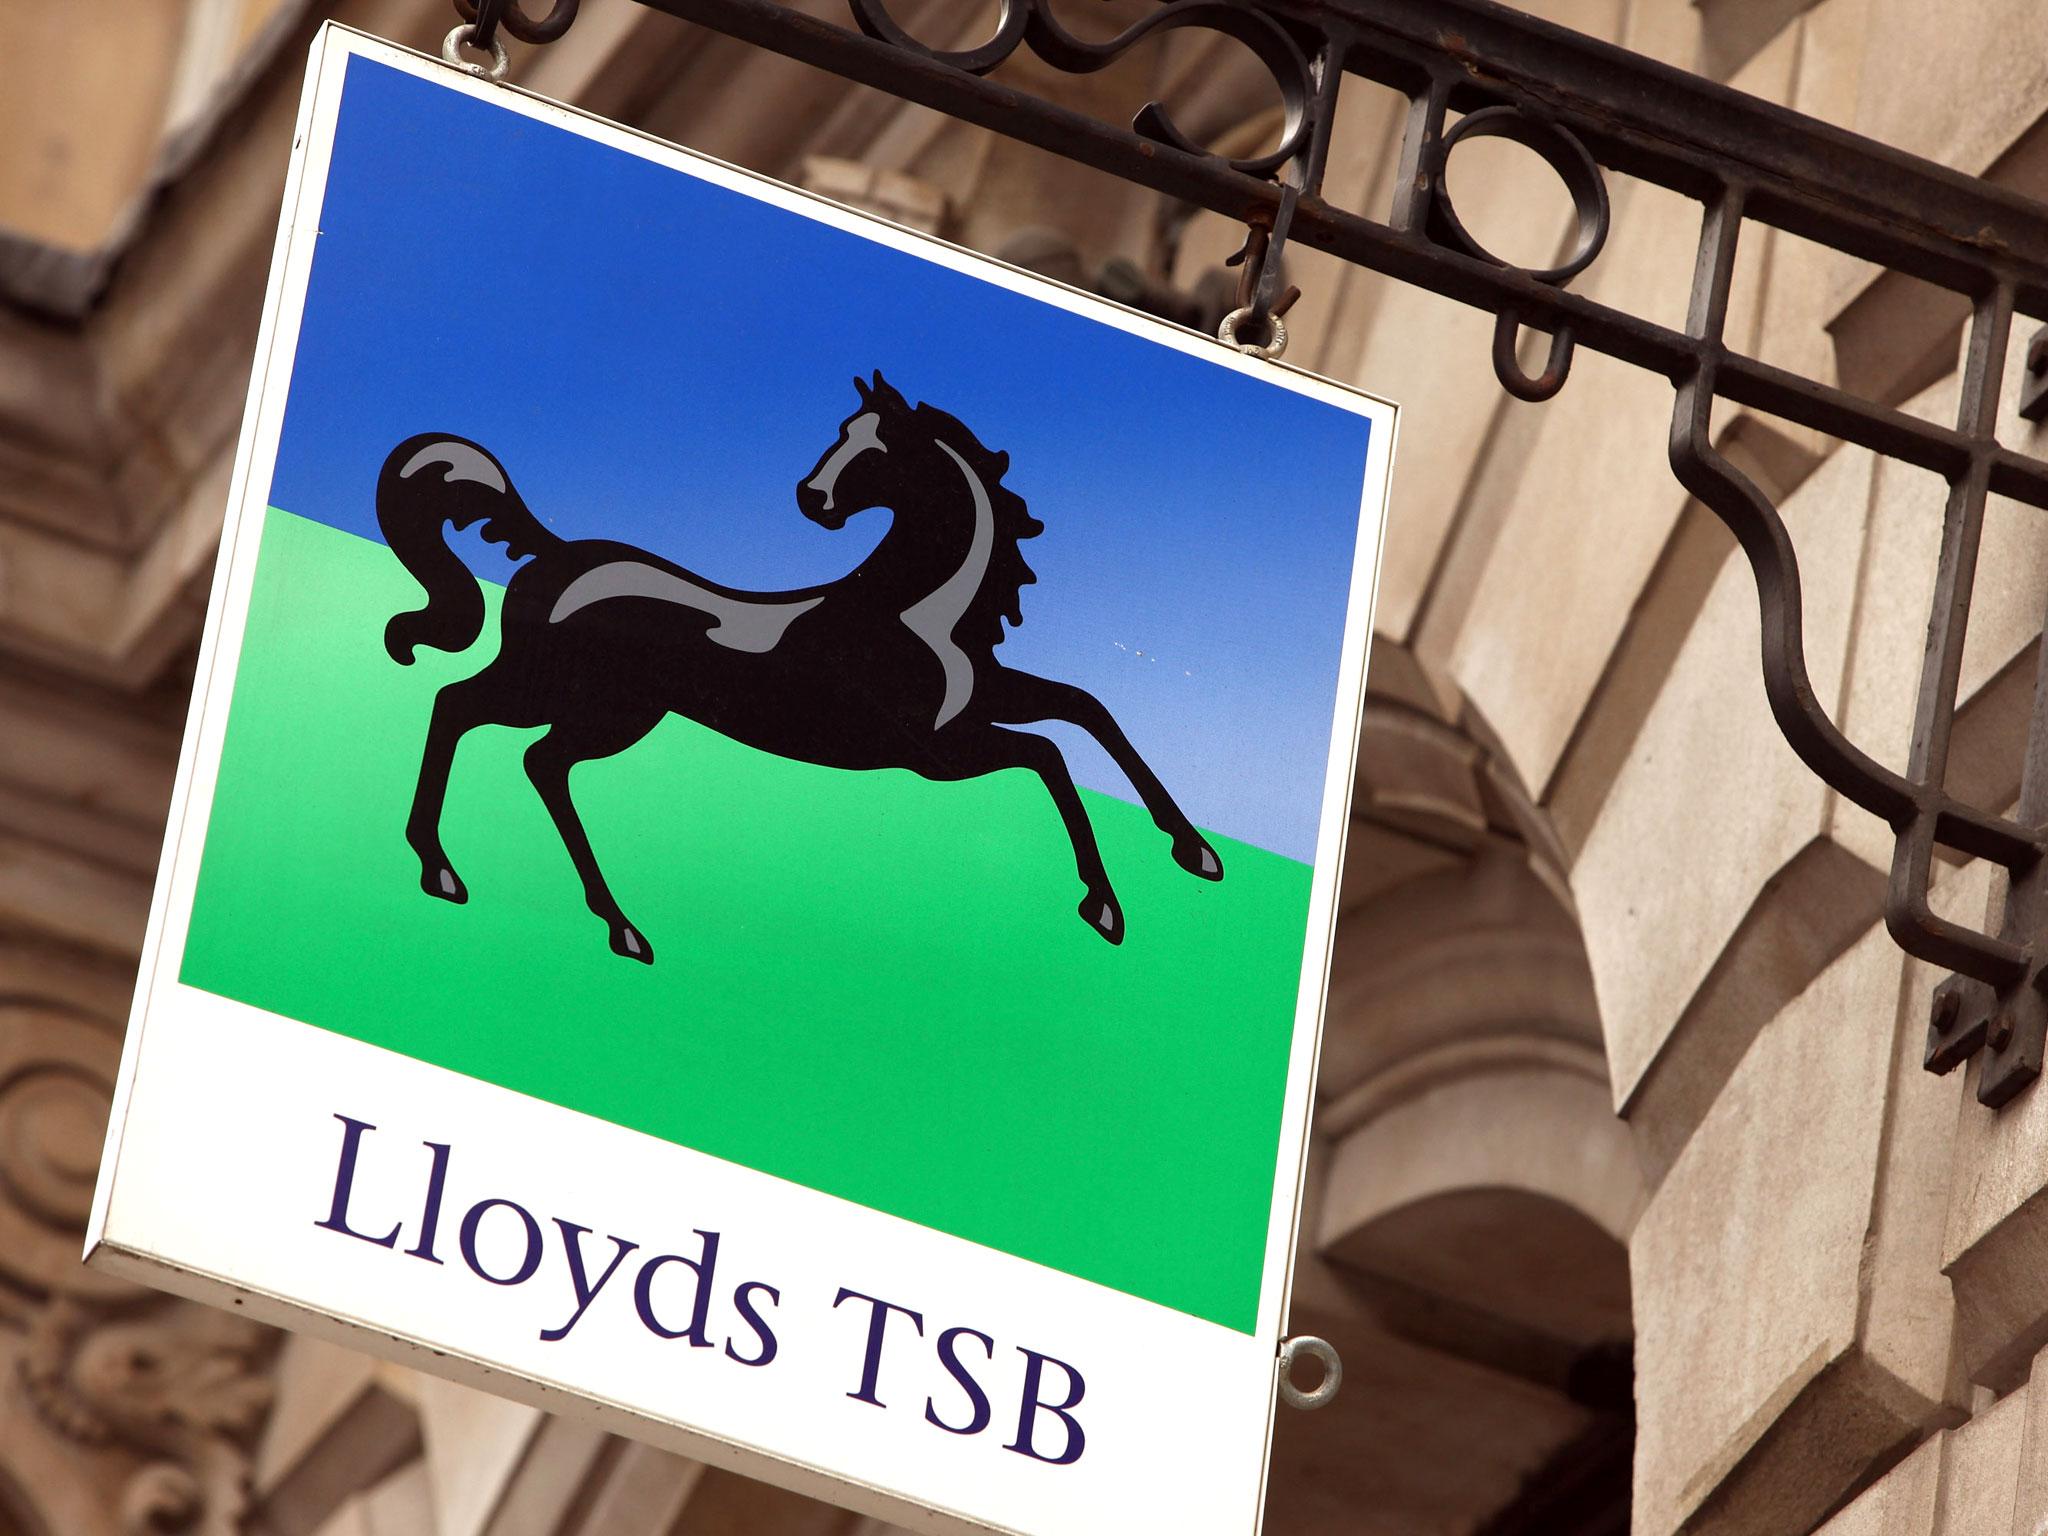 Lloyds Bank - Econ Alerts